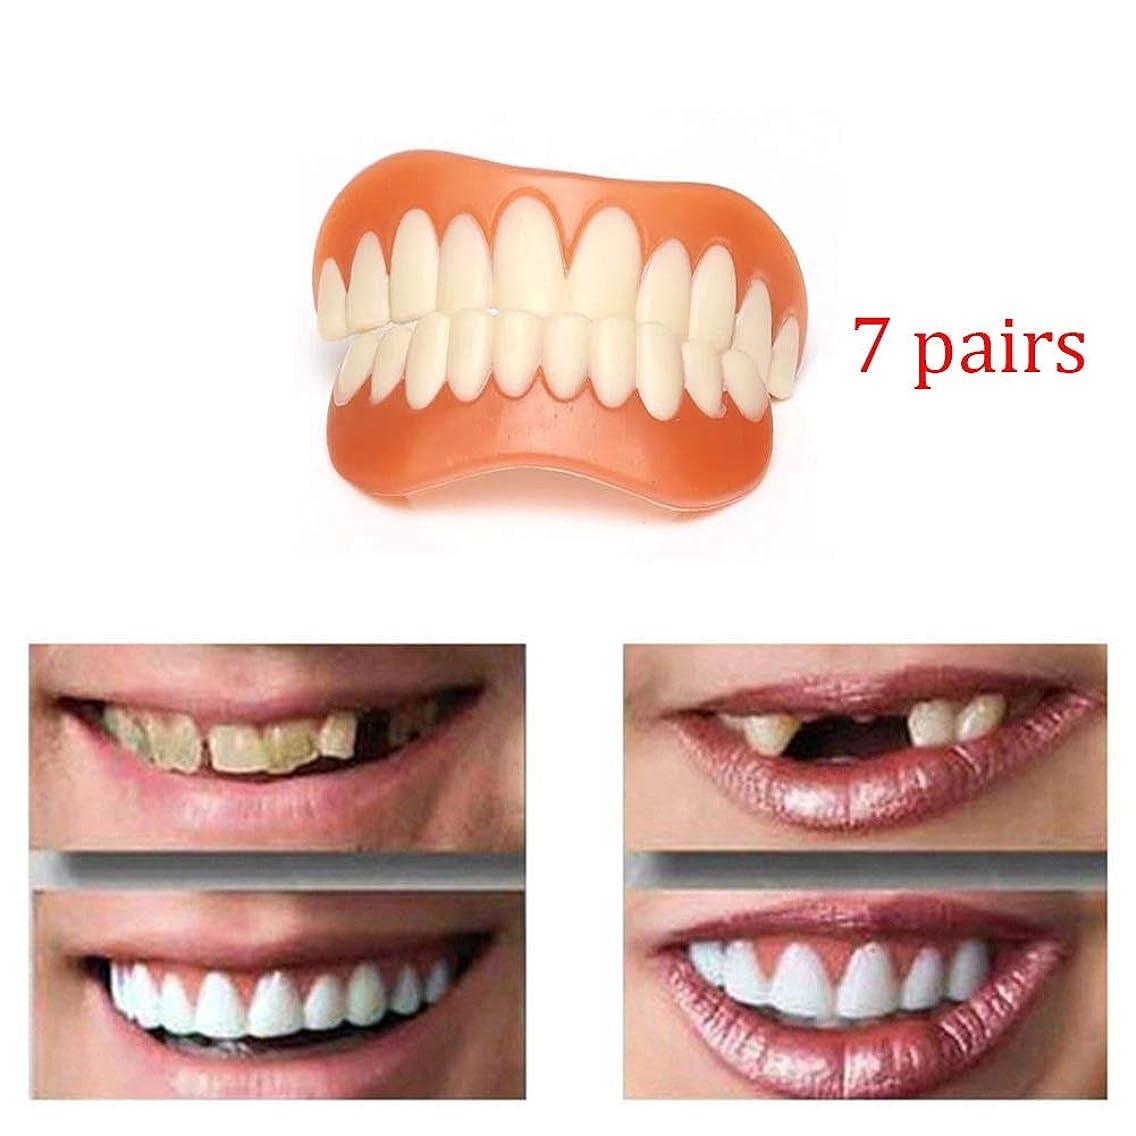 臨検キャンディーやる7ペアプロフェッショナルパーフェクトスマイルベニヤ歯アッパーとアンダーベニア用男性女性ナチュラル化粧品偽歯カバーカバー矯正ツール